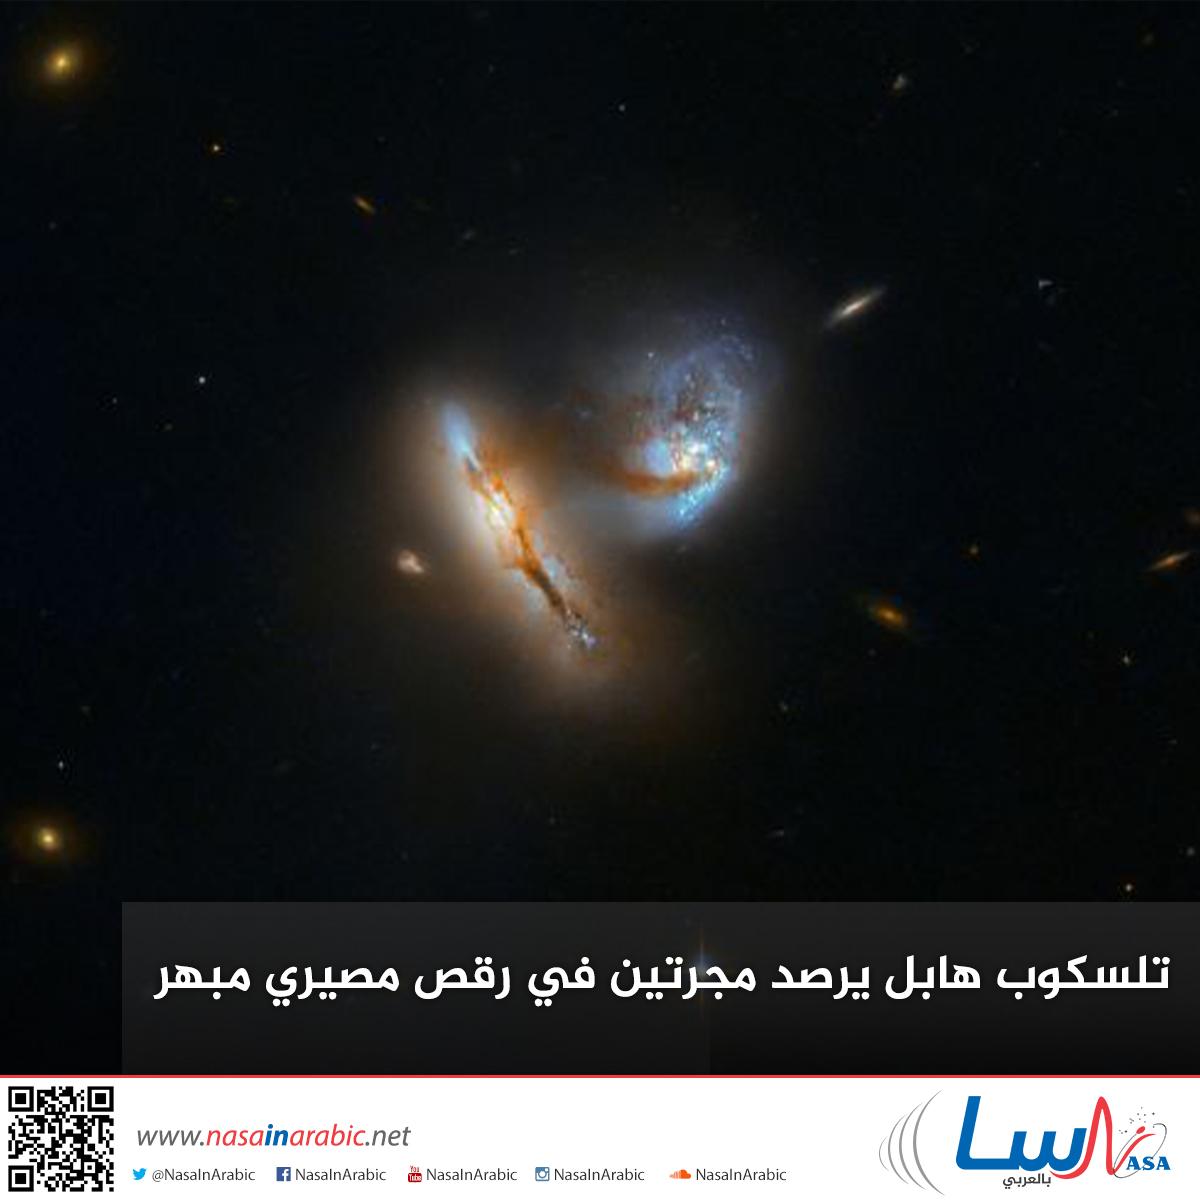 تلسكوب هابل يرصد مجرتين في رقص مصيري مبهر